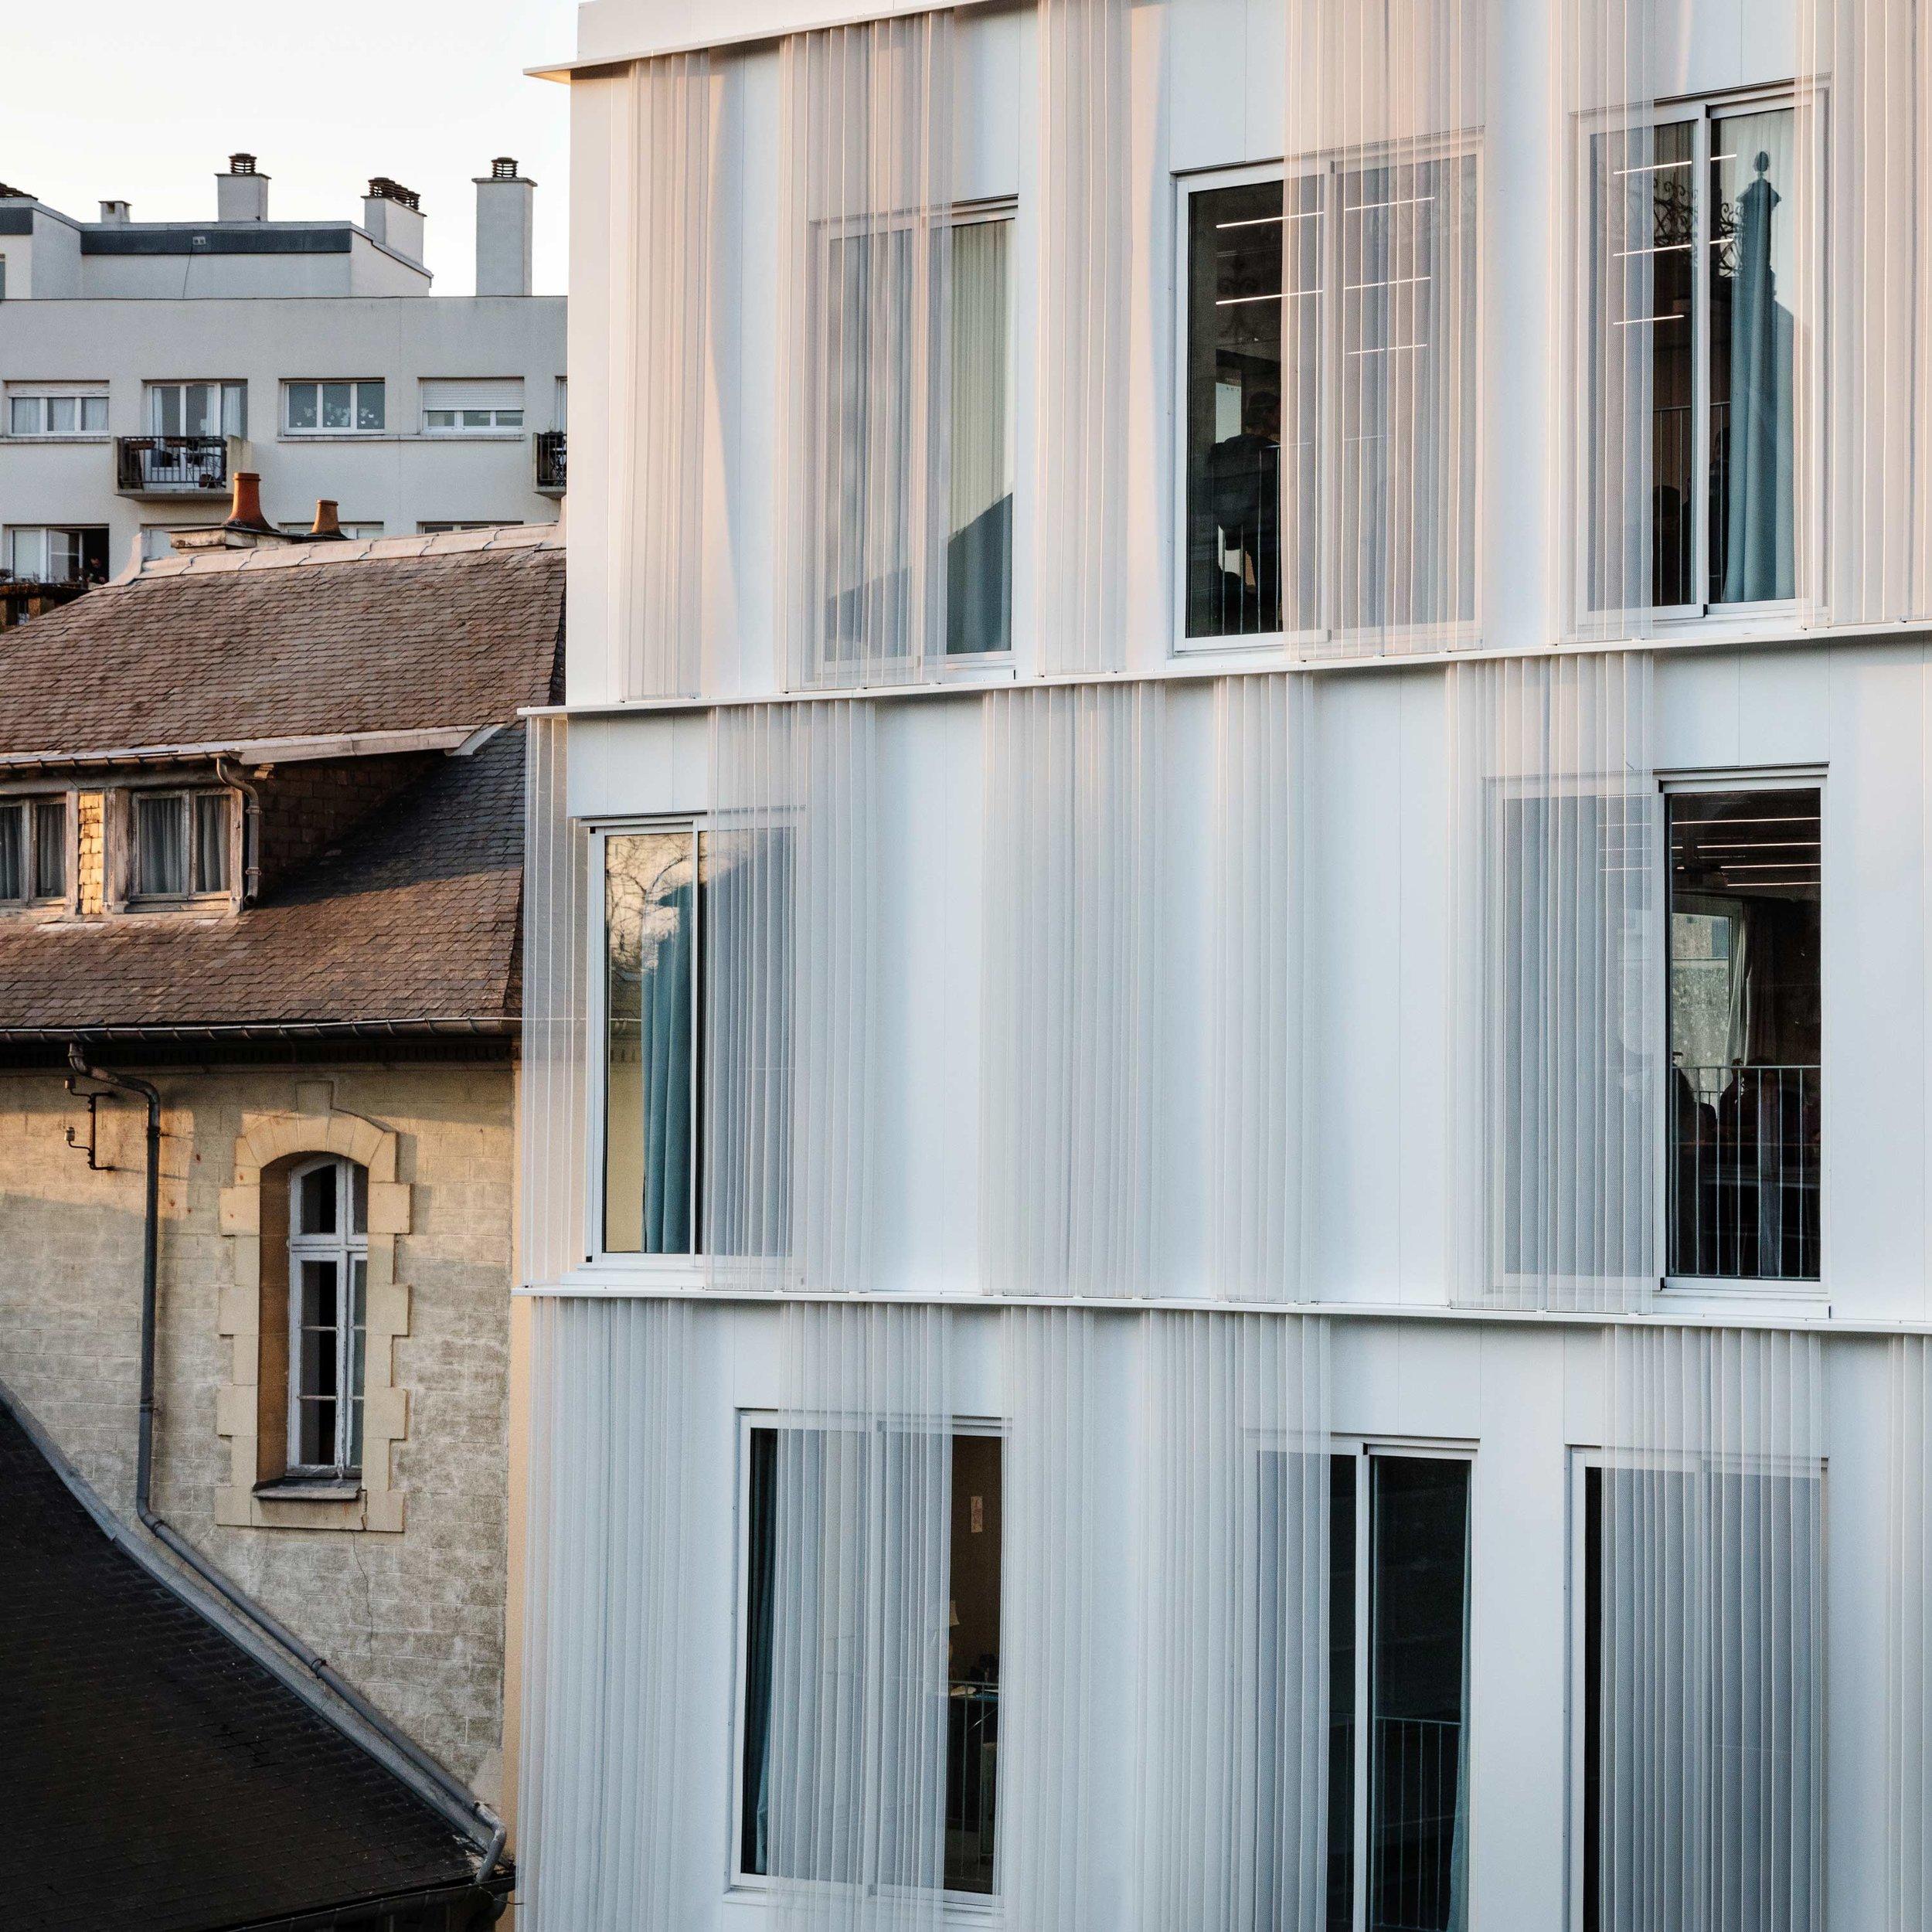 Rennes-Exterieur-04.jpg